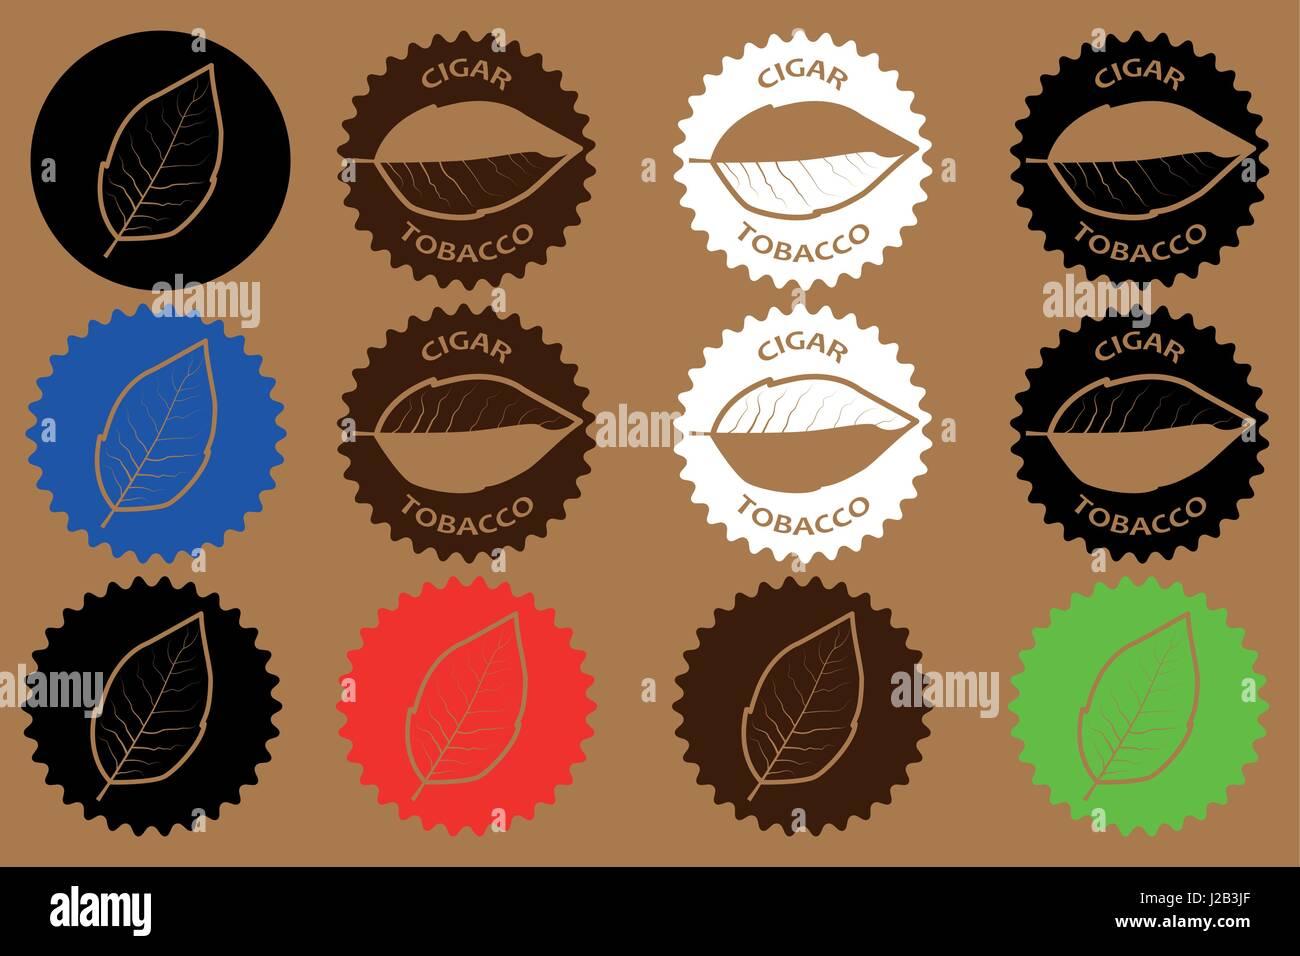 tobacco cigar sticker - vector illustration - Stock Vector